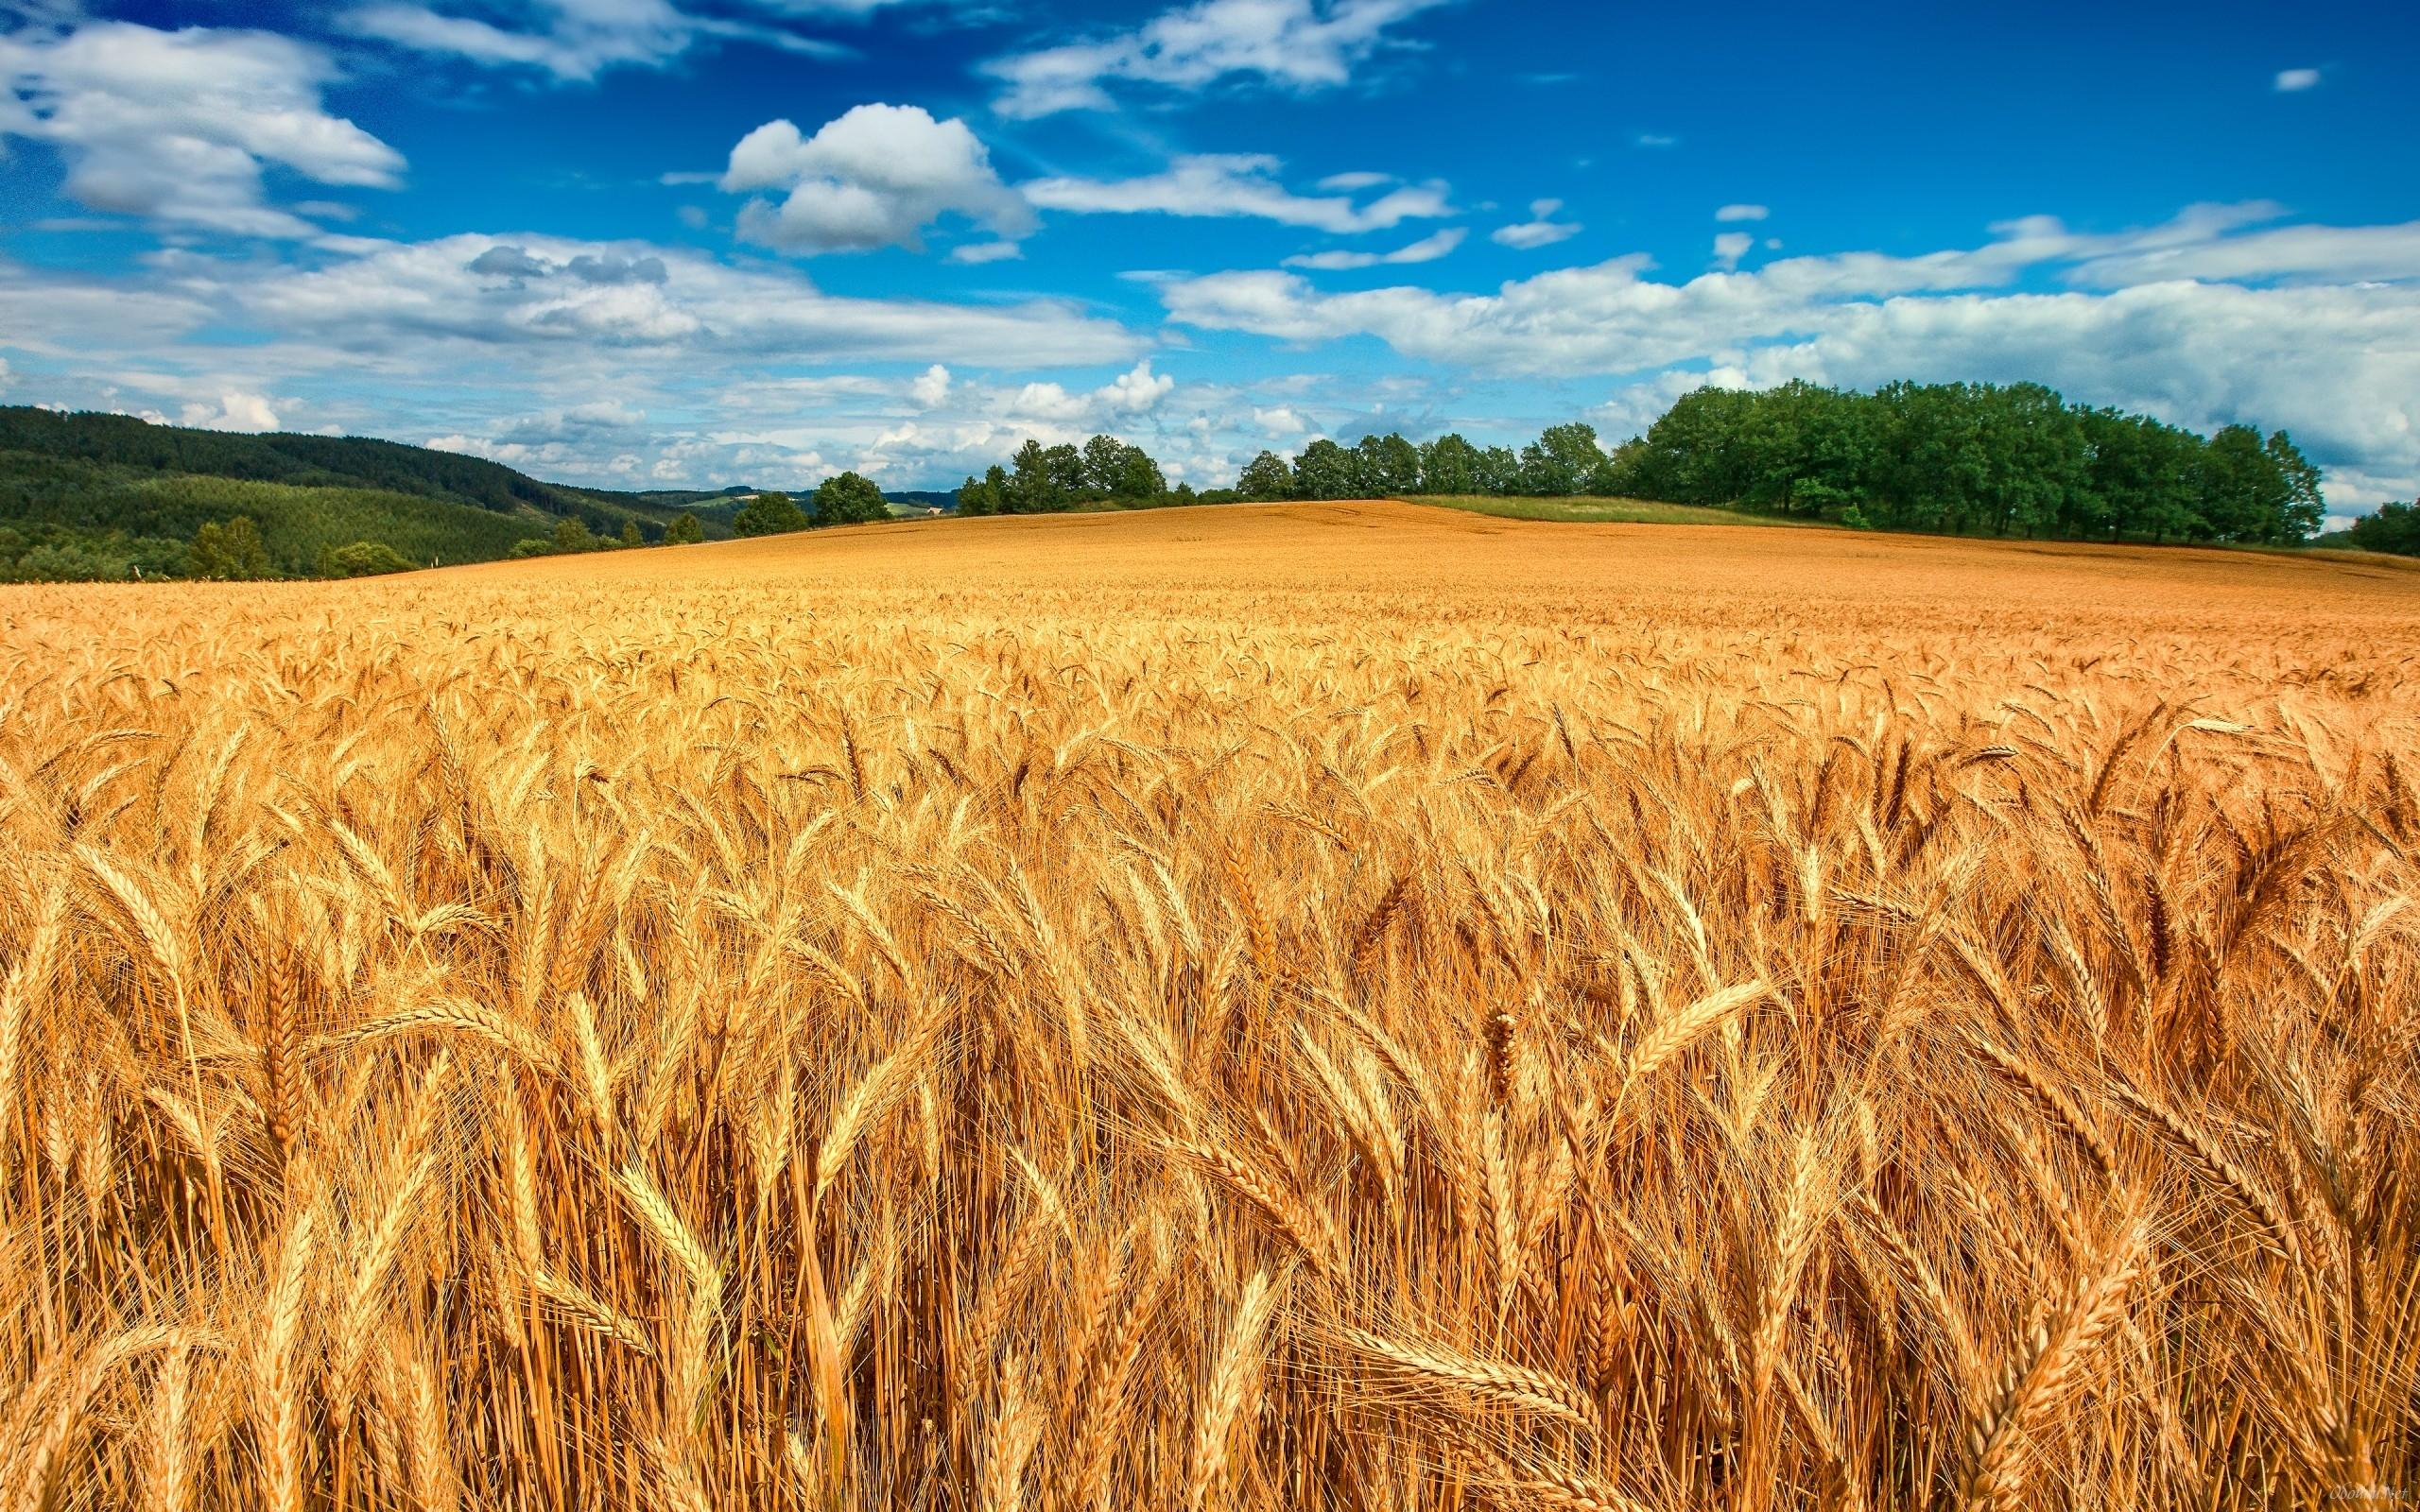 пшеничное поле небо фото